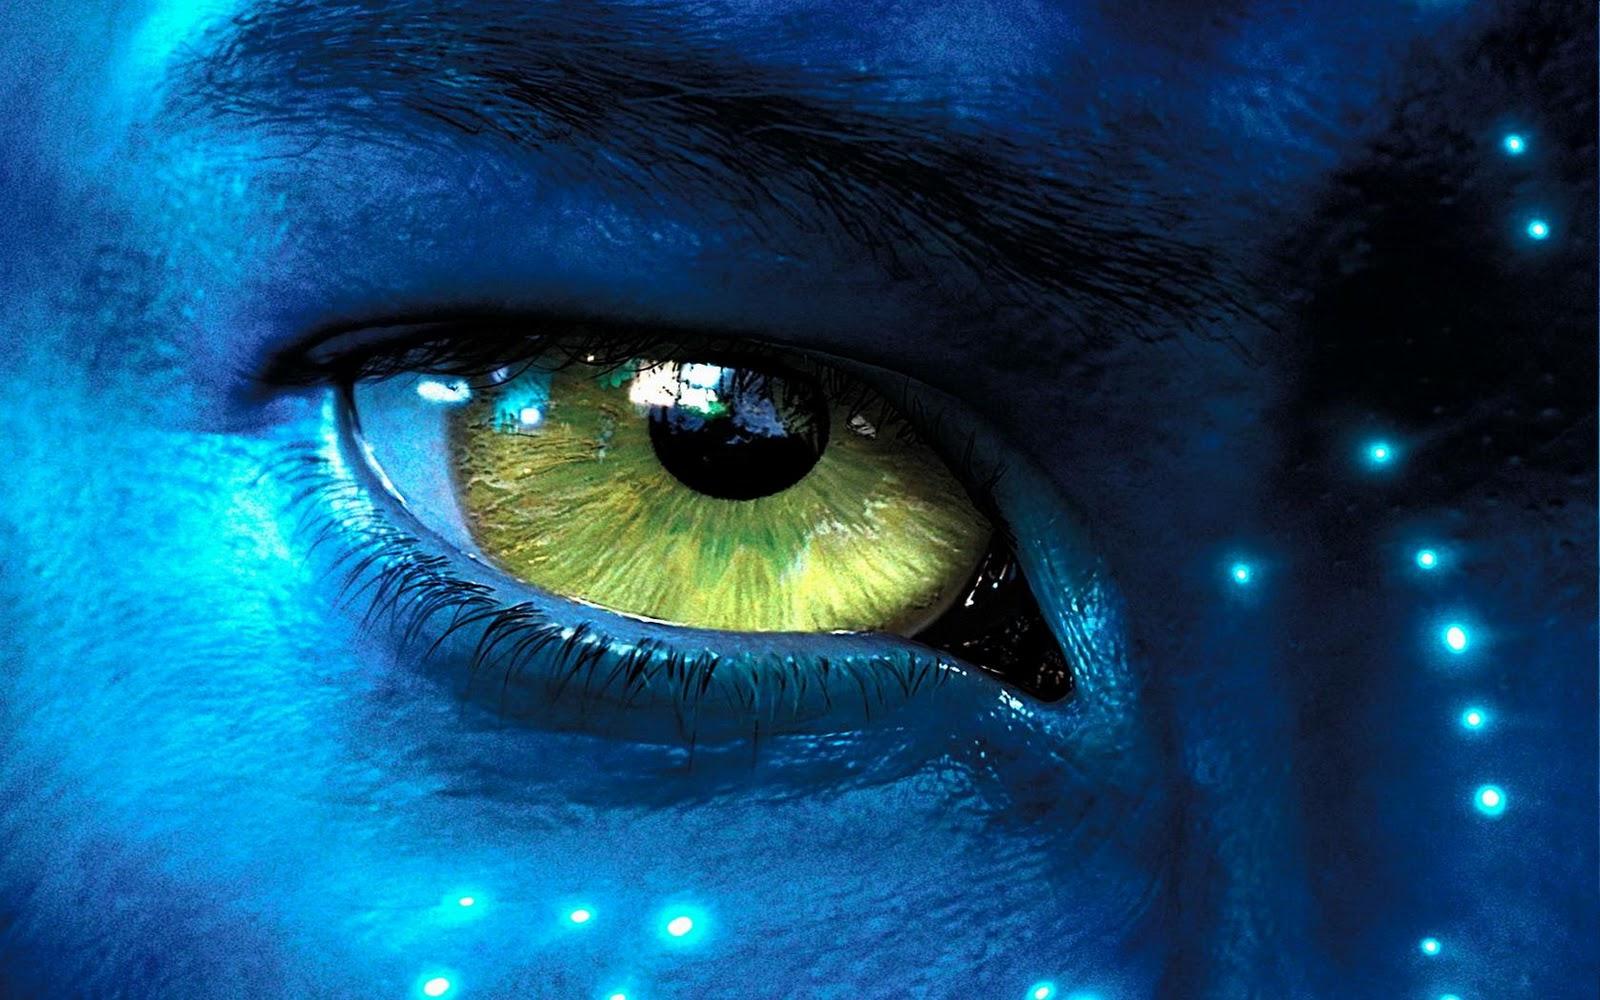 http://3.bp.blogspot.com/-eOEL1PM4yGE/TZrbE74fFqI/AAAAAAAAACU/5blxNdFWPDM/s1600/avatar-wallpaper.jpg